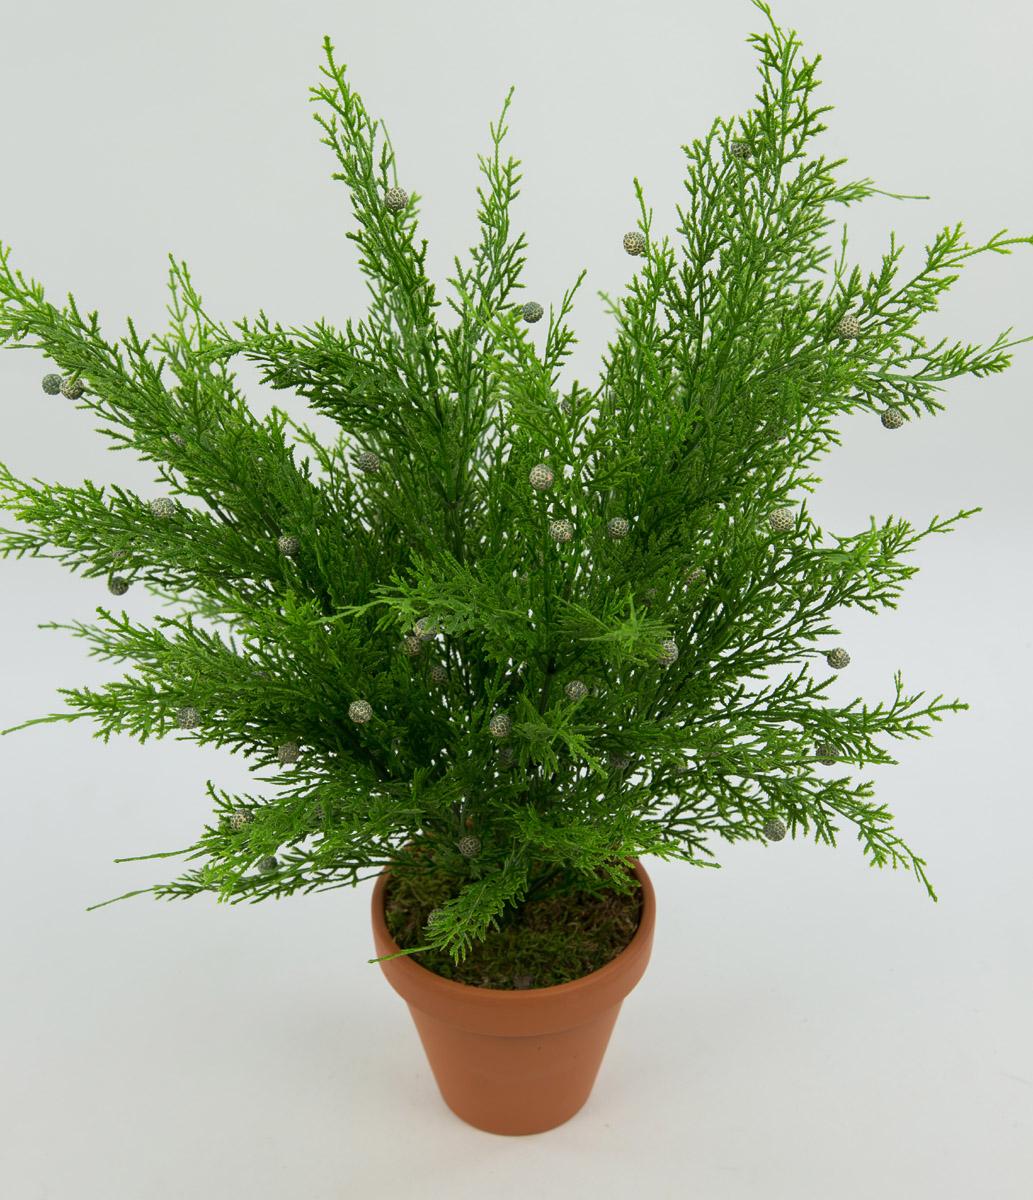 zedernbusch 48cm im topf cg kunstpflanzen k nstliche zeder pflanzen ebay. Black Bedroom Furniture Sets. Home Design Ideas